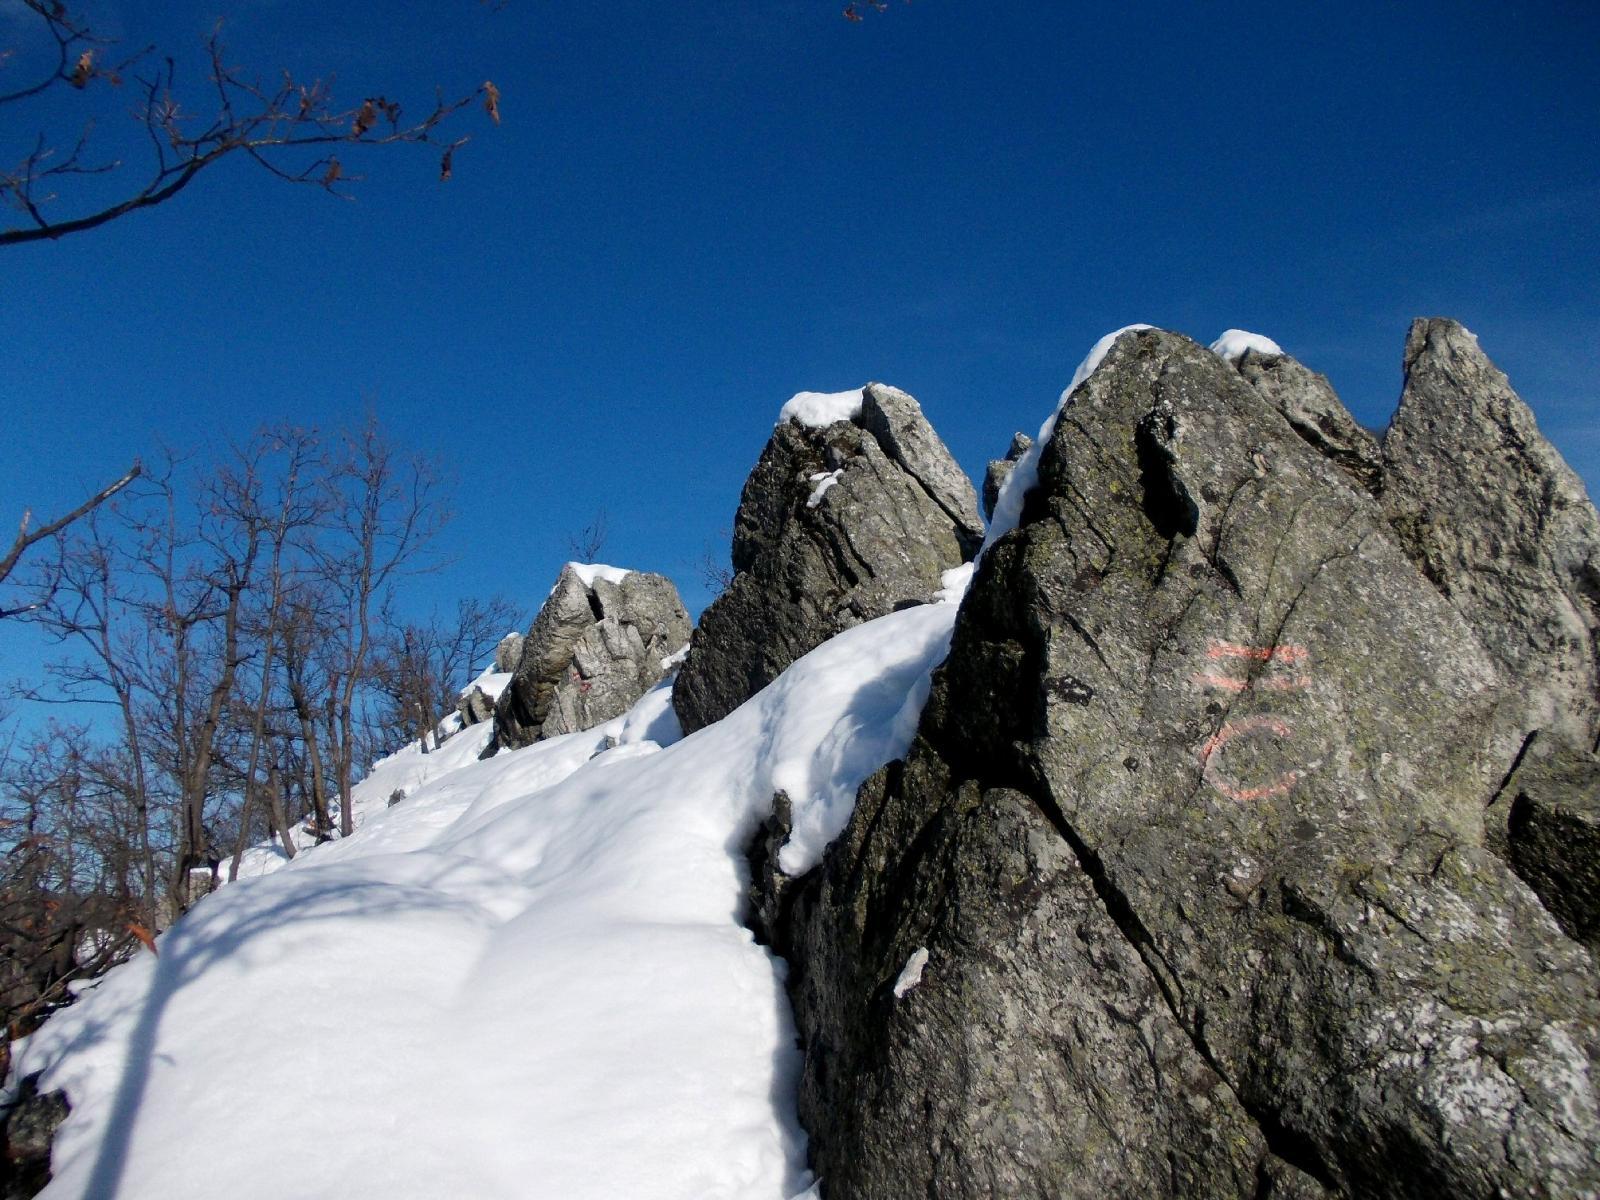 le roccette sulla cima